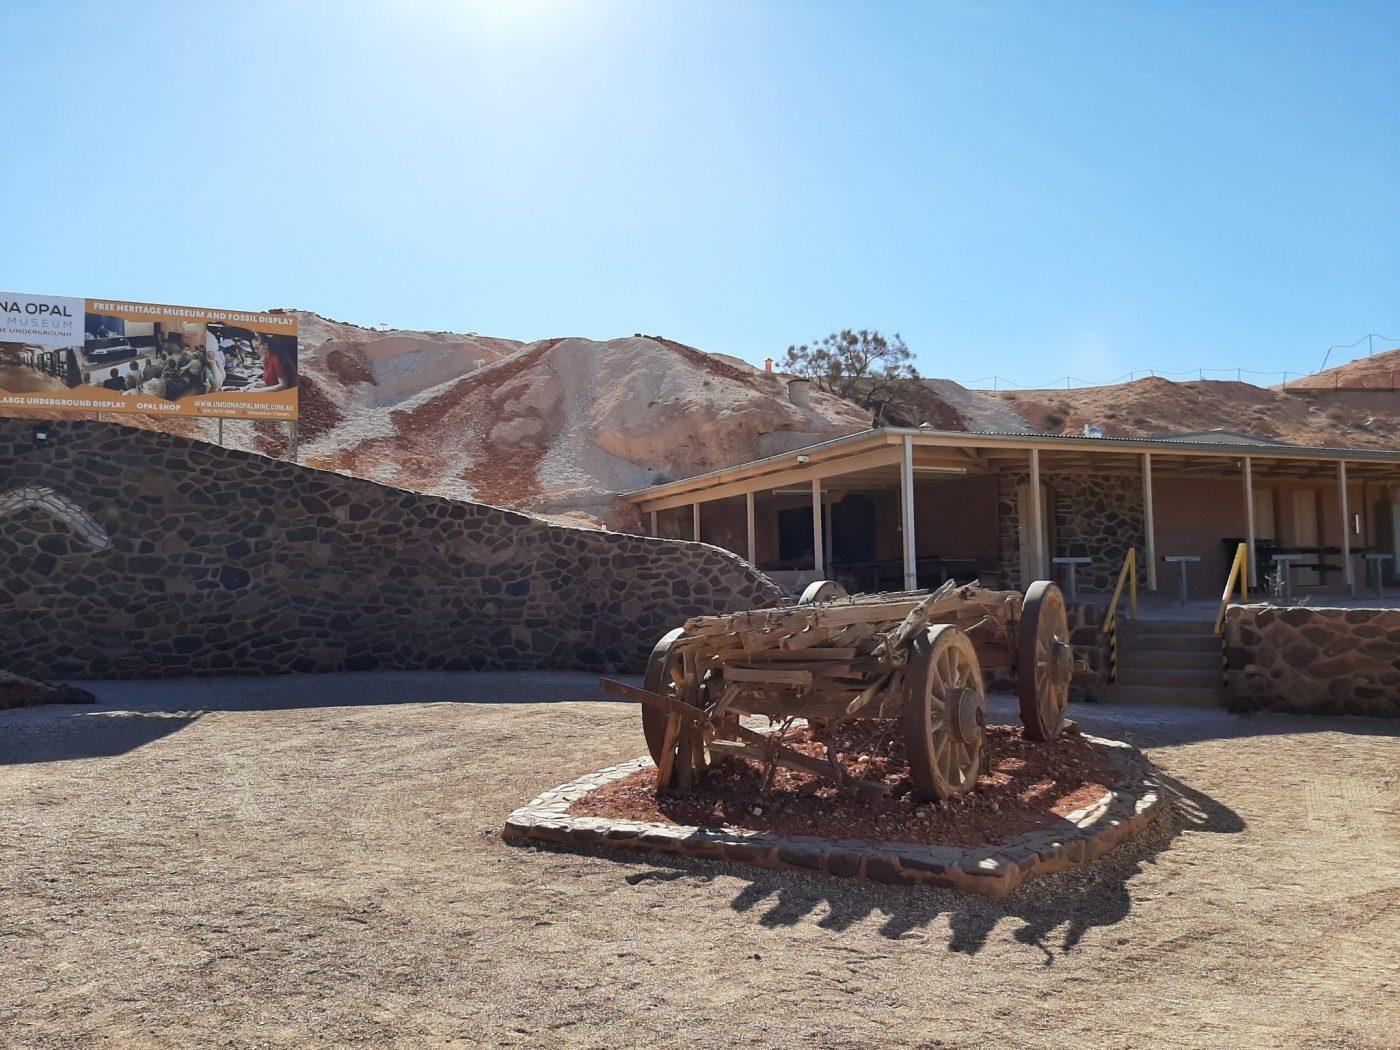 Umoona Opal Mine Museum